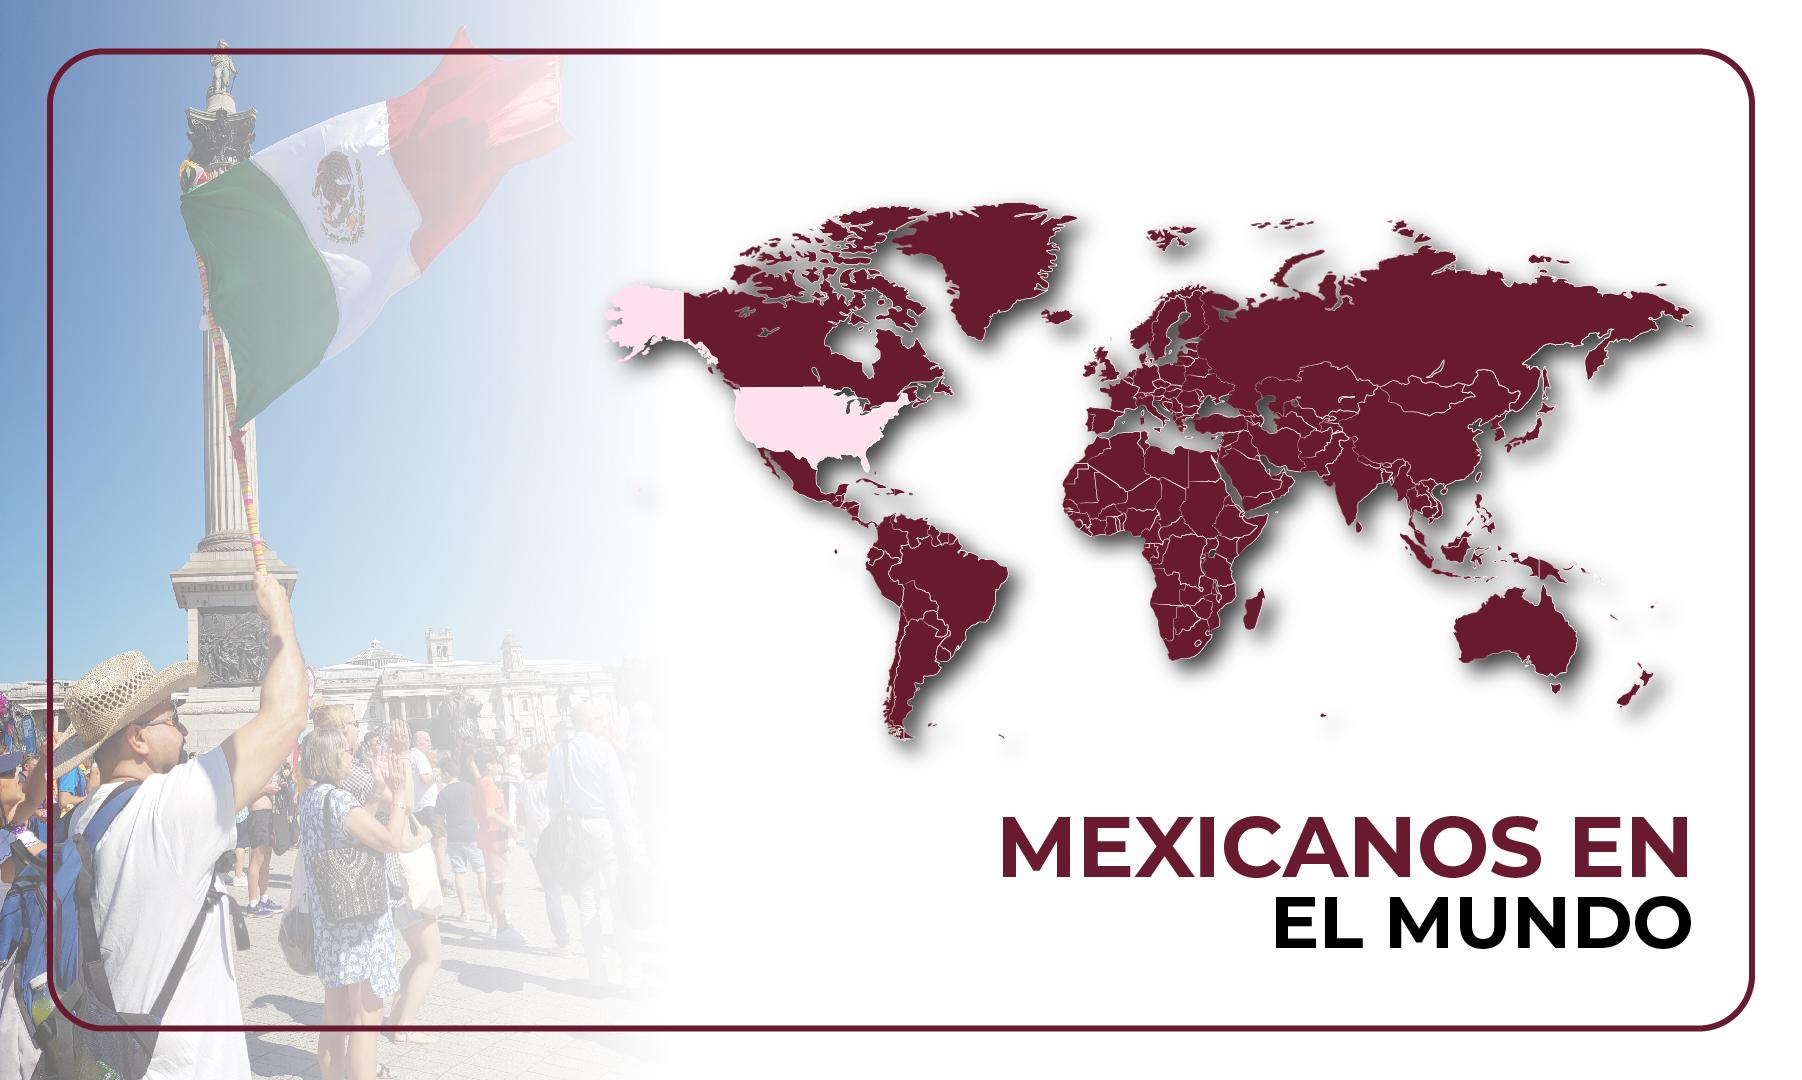 Mexicanos en el mundo